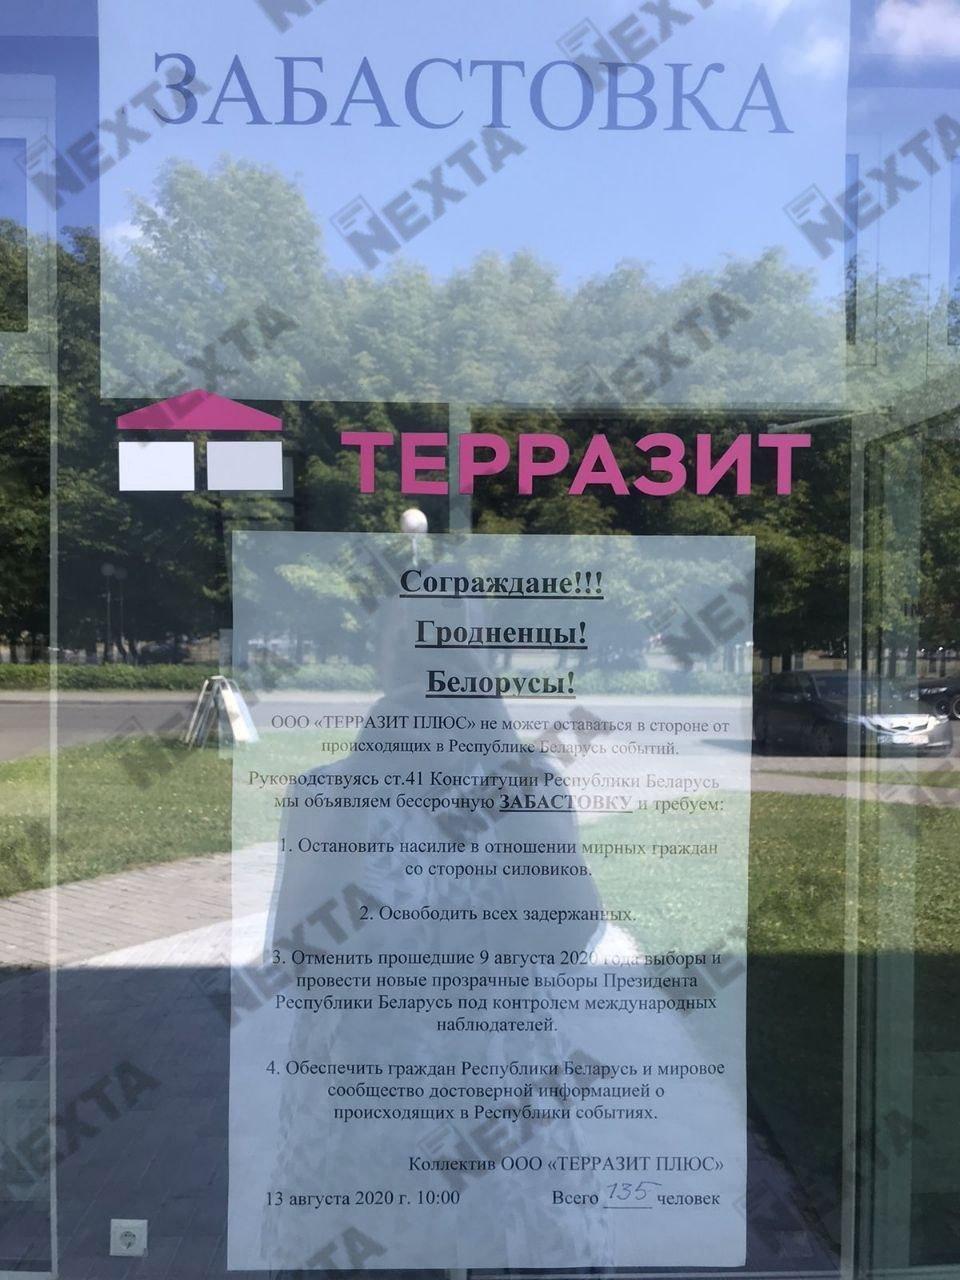 Найбільший в Білорусі завод БелАЗ вийшов на страйк — фото, відео